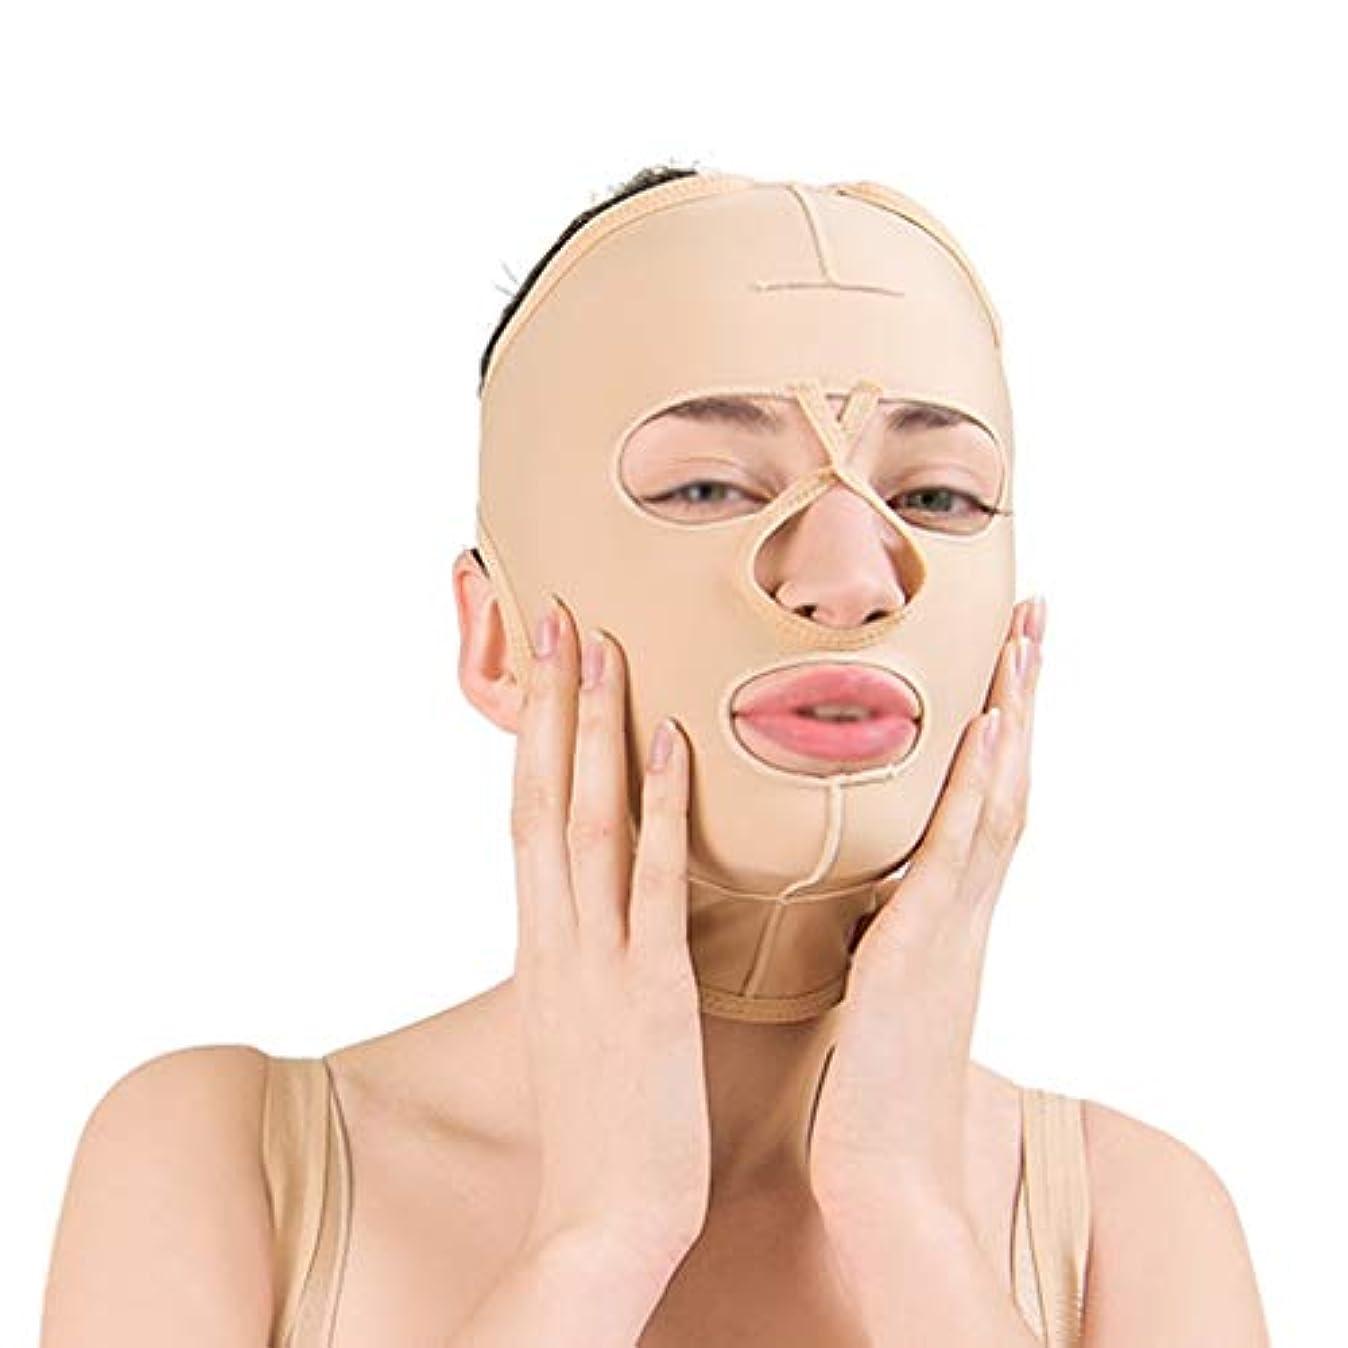 うぬぼれ遠え汚染するフェイススリミングマスク、フェイスバンデージ付きフェイシャル減量マスク、通気性フェイスリフト、引き締め、フェイスリフティング (Size : S)